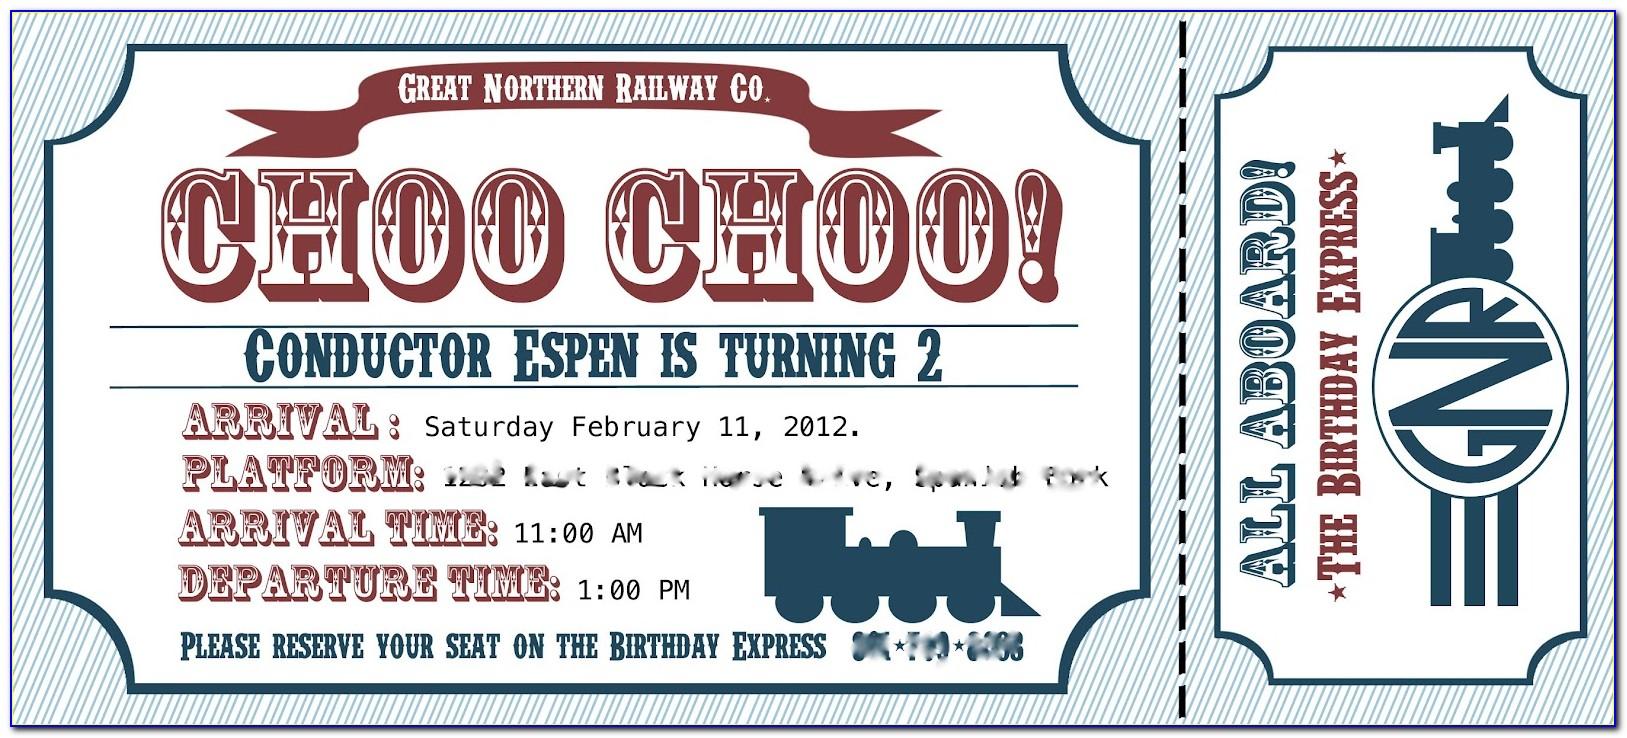 Vintage Train Ticket Wedding Invitation Template